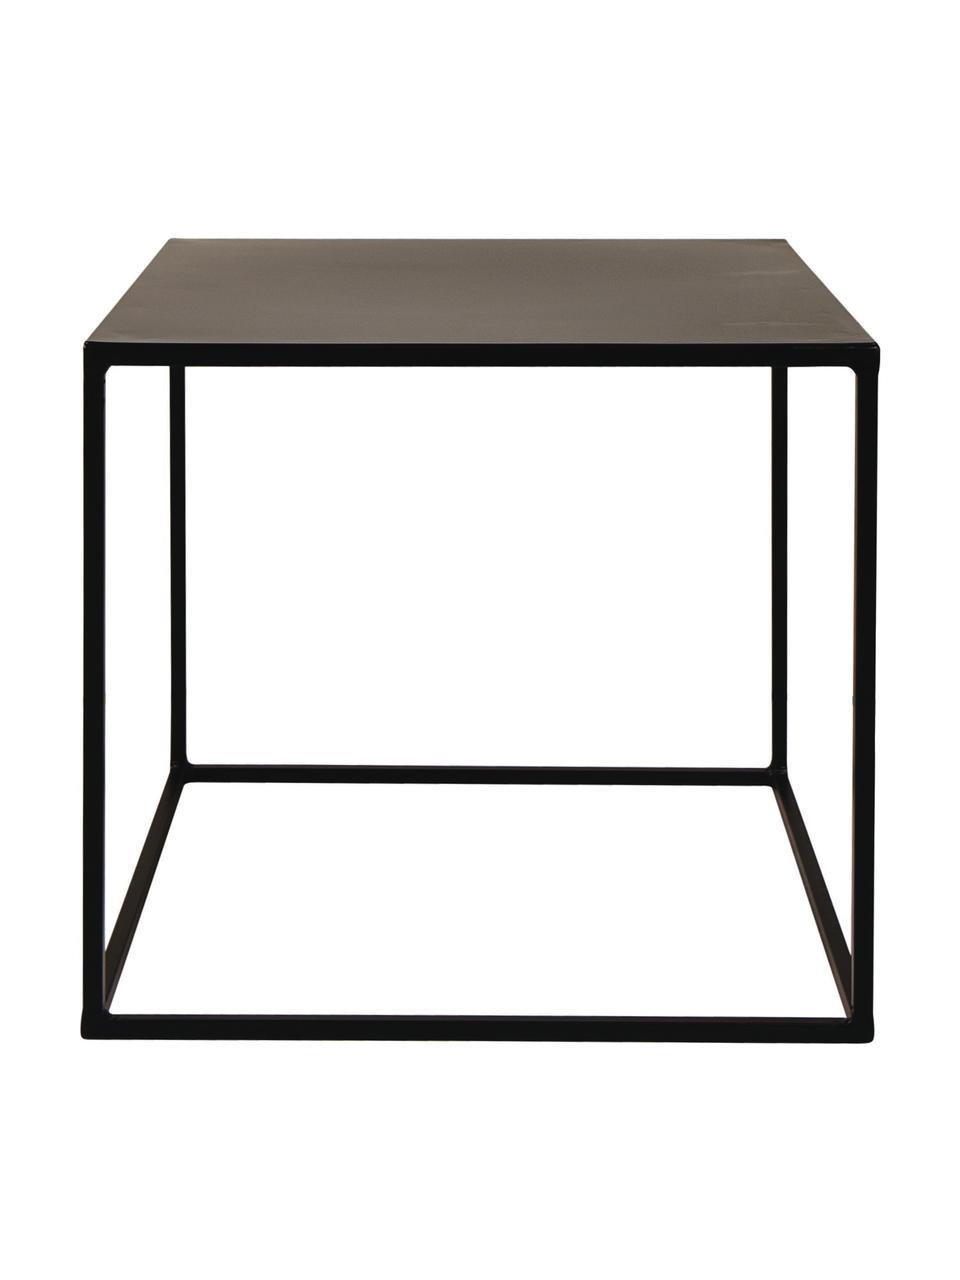 Tavolino in metallo Expo, Metallo verniciato a polvere, Nero, Larg. 40 x Prof. 40 cm